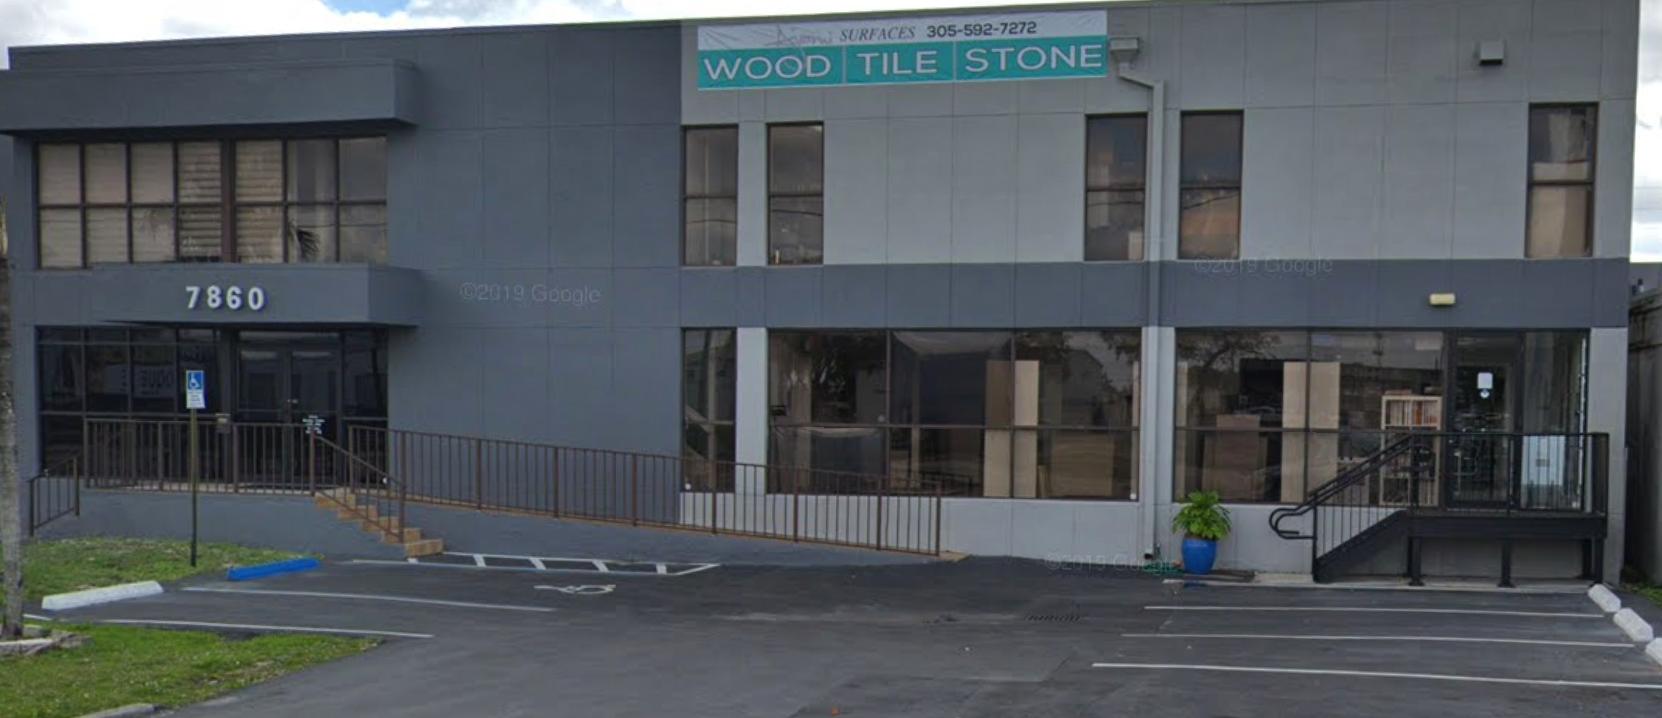 Ajami Floorings & Granite Inc. - 7860 NW 58th St, Doral, FL 33166